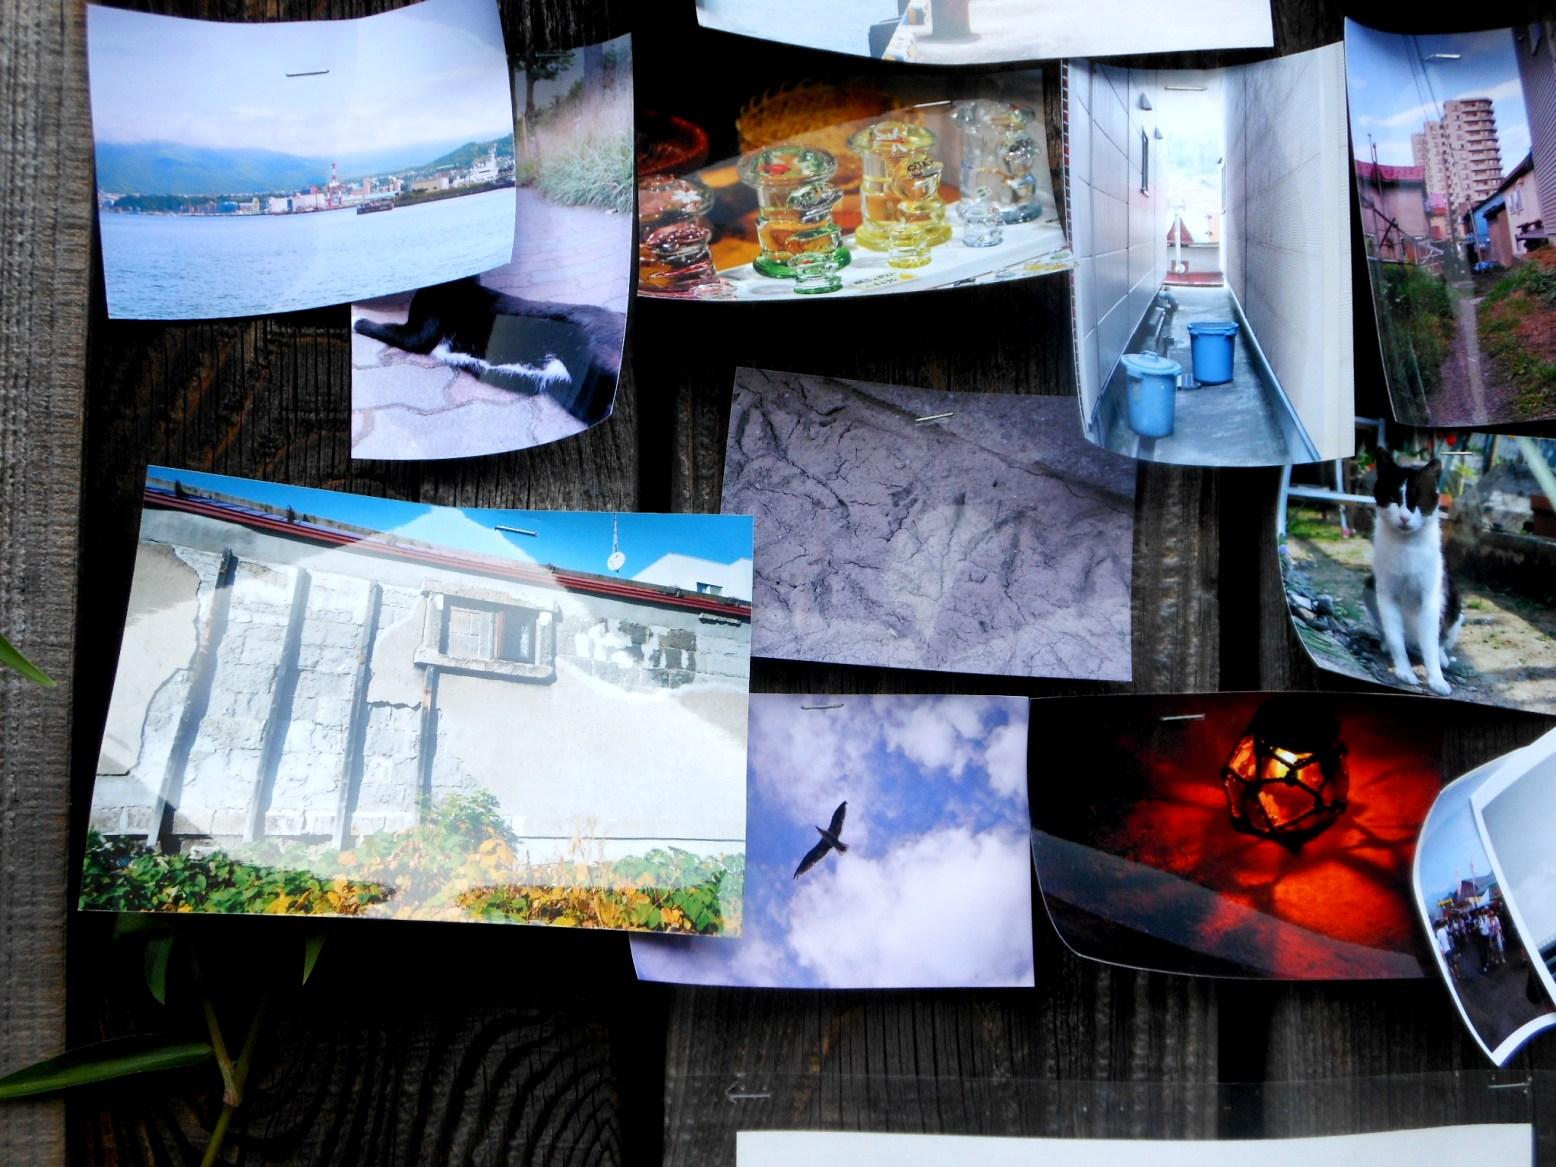 1822) 「小樽・鉄路・写真展 13th 2012」 小樽旧手宮線跡地 8月27日(月)~9月9日(日)_f0126829_9131562.jpg